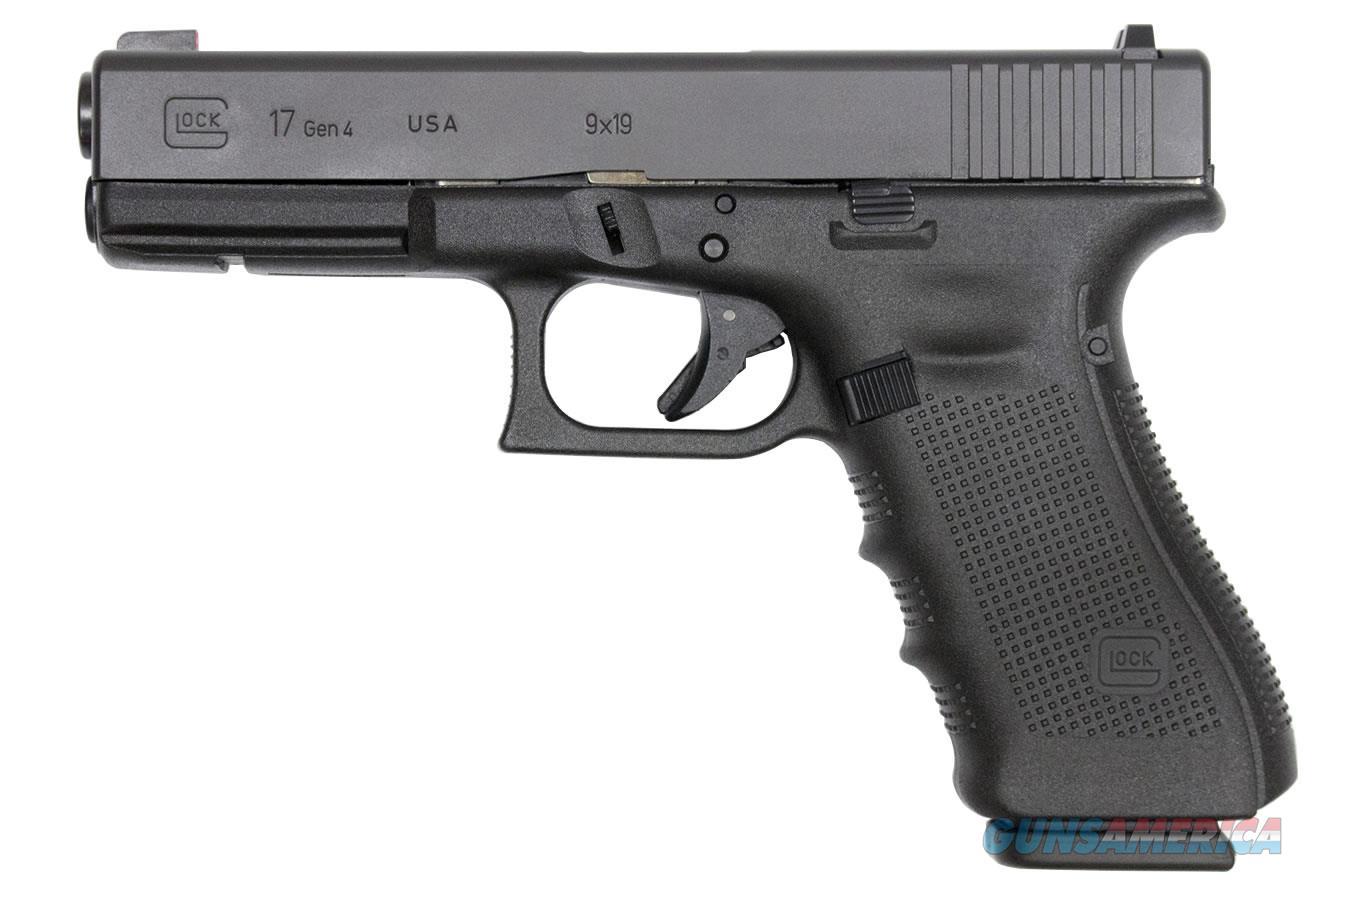 """Glock G17 Gen 4 9mm TALO 4.49"""" ProGlo 17rd UG1750503   Guns > Pistols > Glock Pistols > 17"""